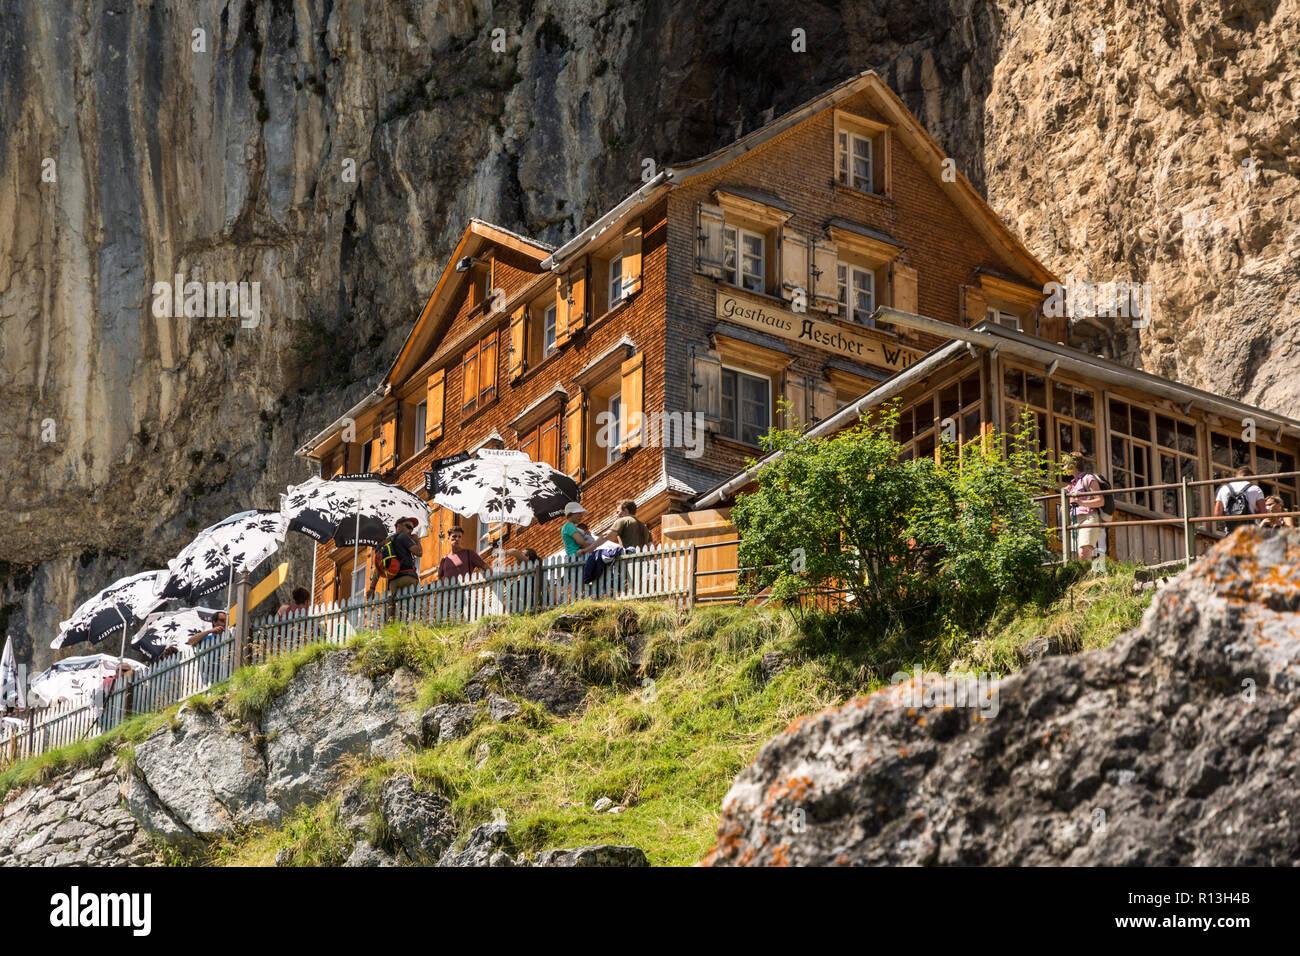 APPENZELL, SCHWEIZ - August 7, 2016: Touristen genießen Sie erholsame Zeit an Aesher Berghütte in den Schweizer Alpen in der Nähe von Appenzell während der heißen August 2016 Stockbild